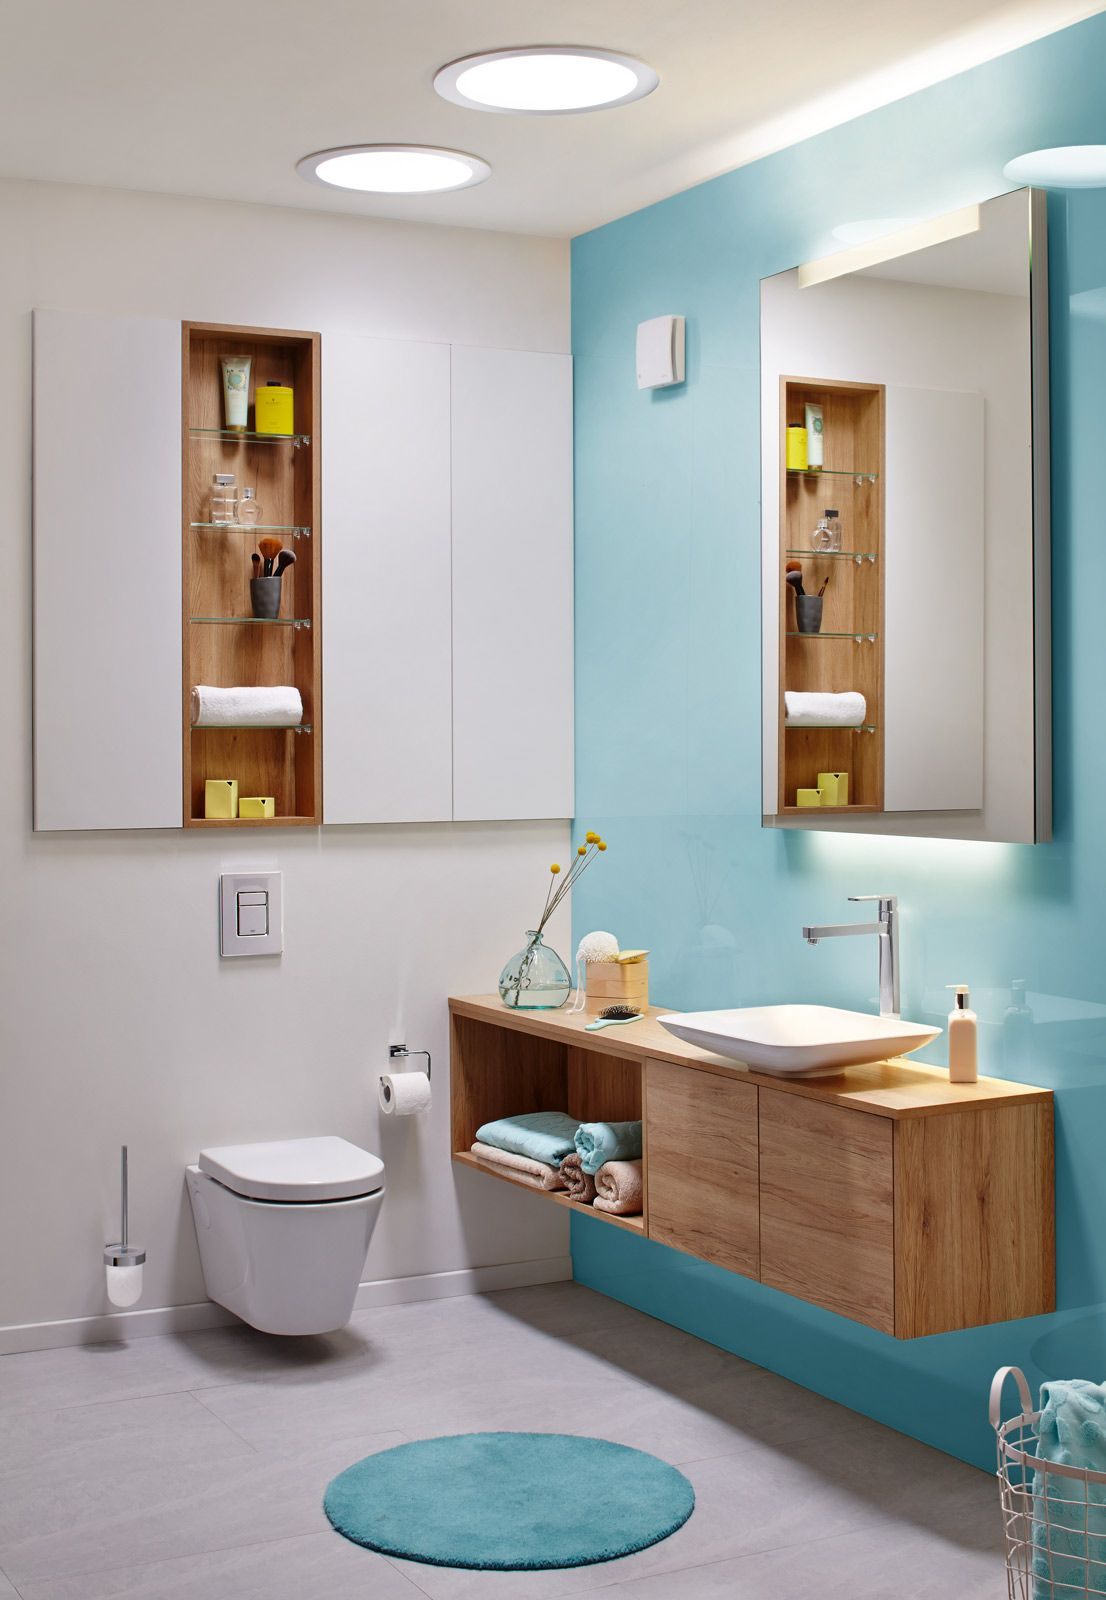 r ckwandverkleidung hinter dem waschbecken teil 2 f r die zeitschrift wohnbaden von sch n und. Black Bedroom Furniture Sets. Home Design Ideas